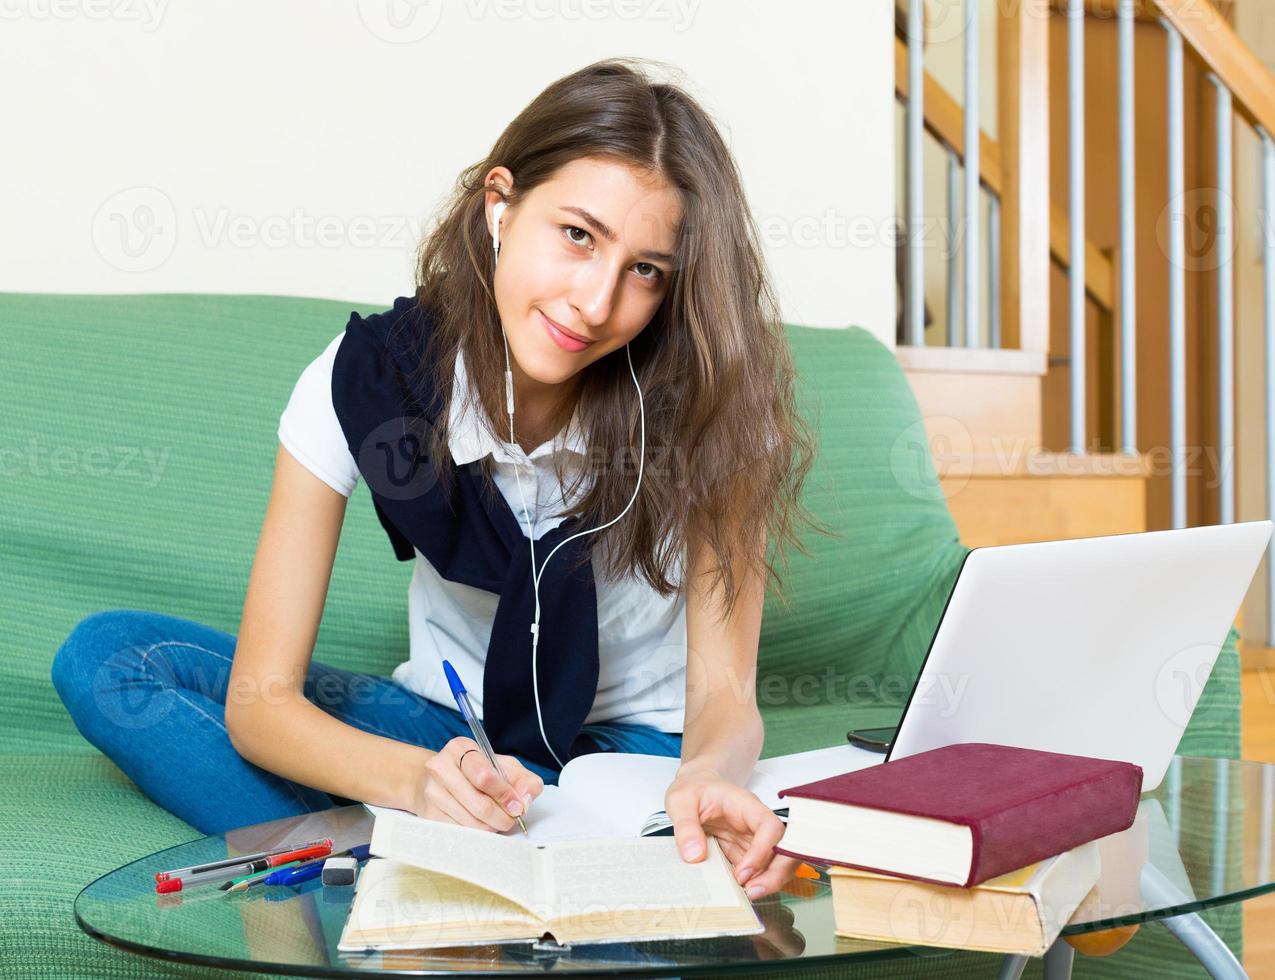 tonåring tjej gör läxor foto